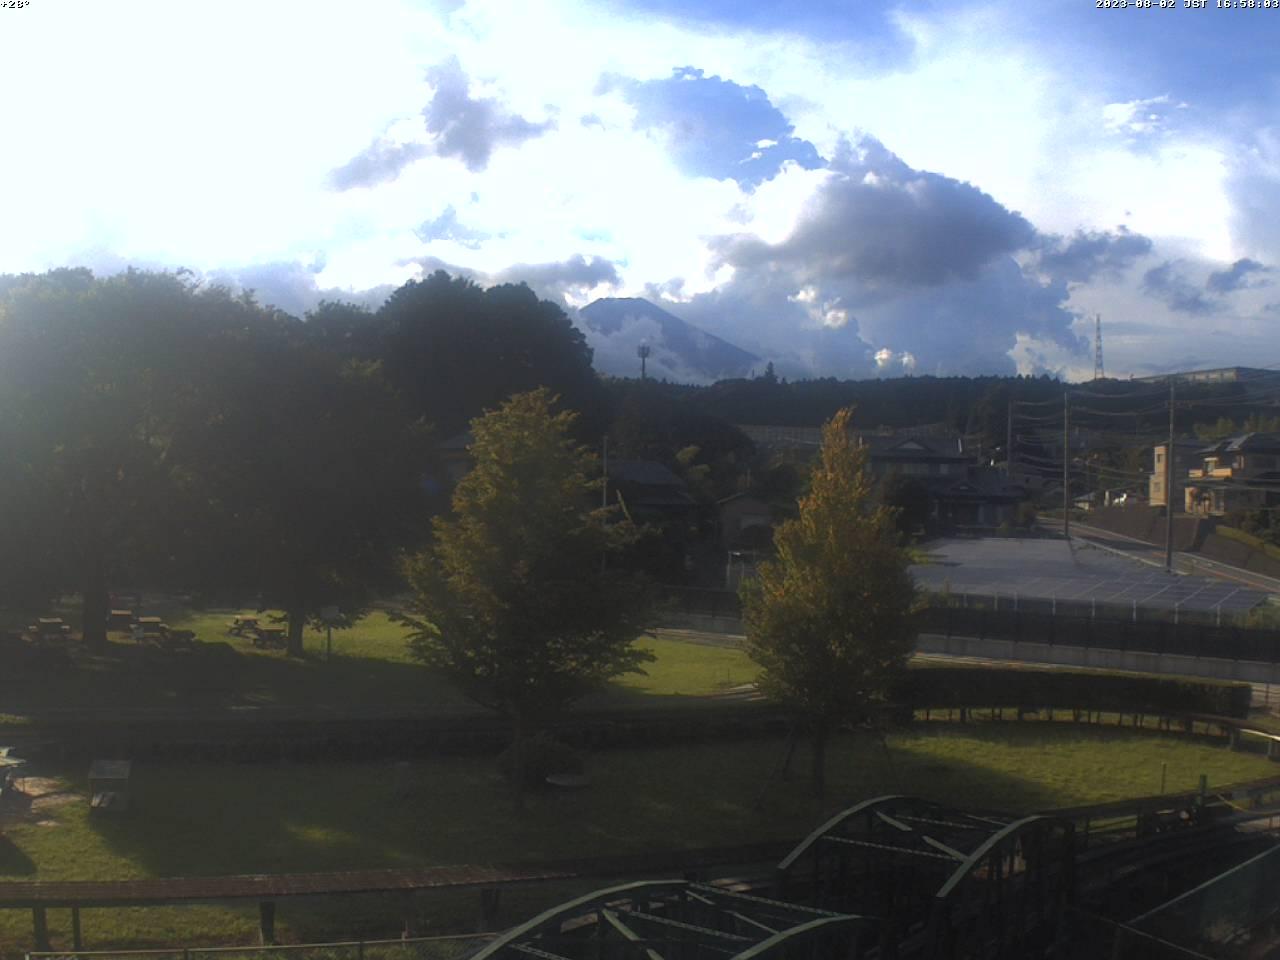 富士山ライブカメラ(裾野市日本庭園望遠カメラ)